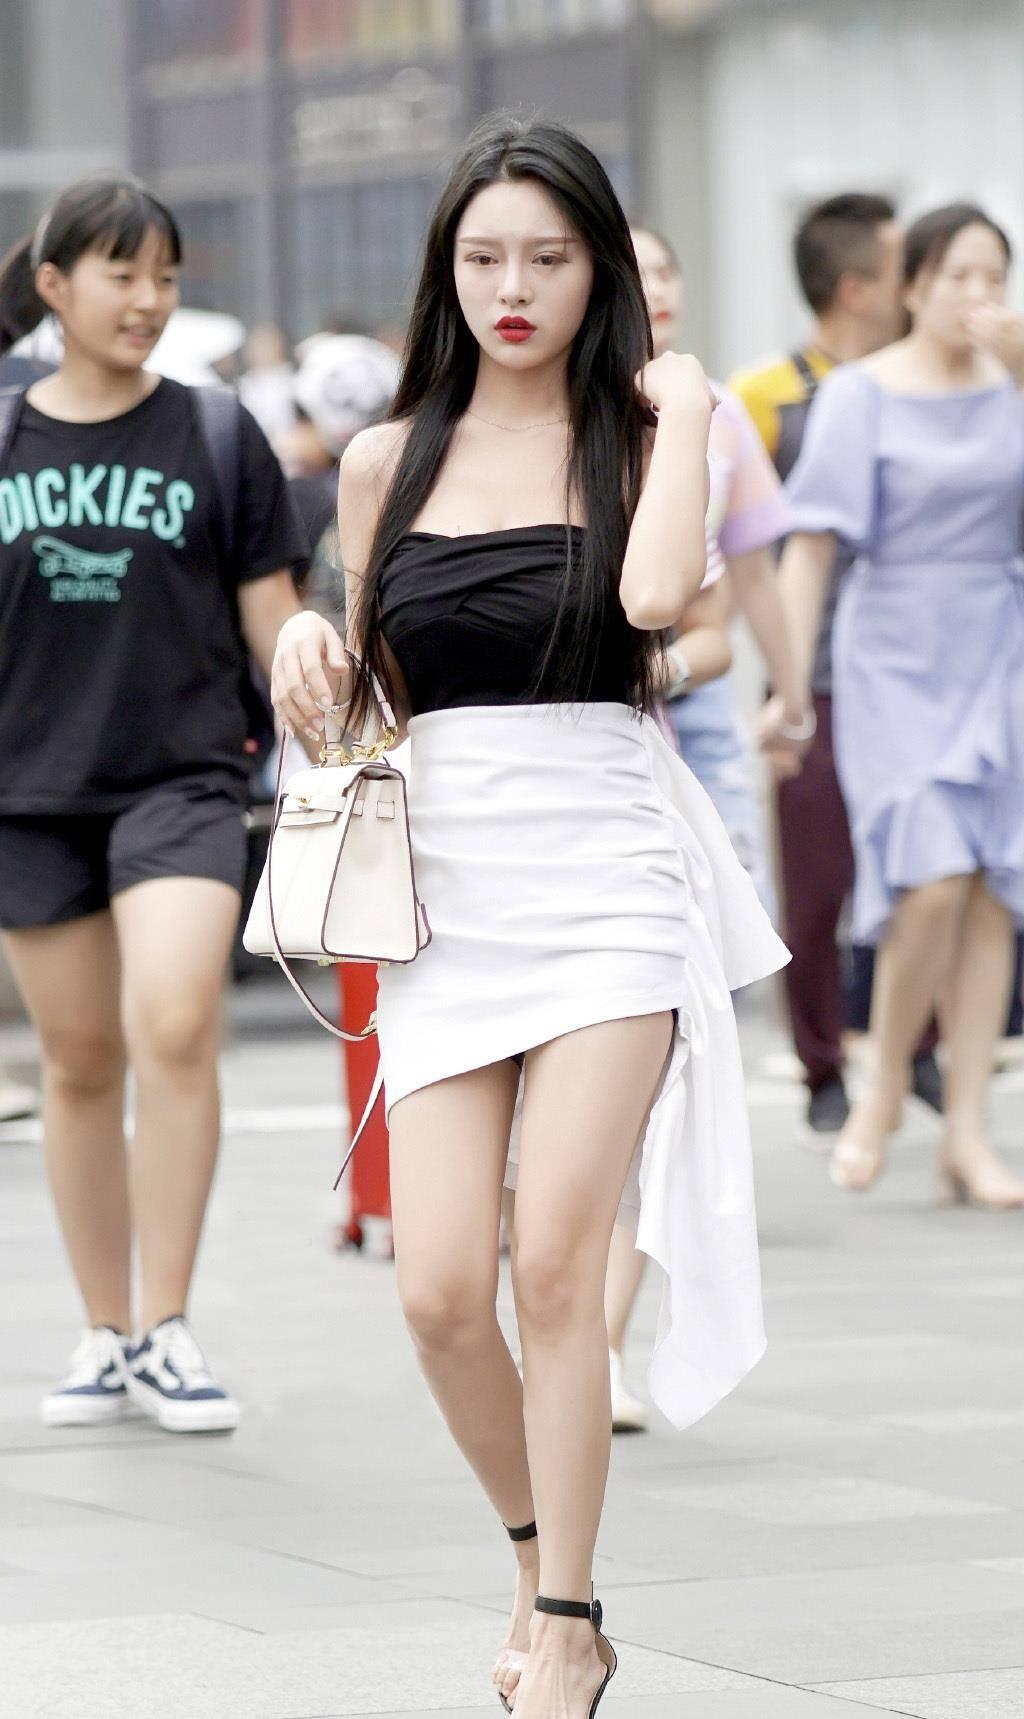 会穿搭的女生就是任性,选择款式洋气的短裙,轻松美出了时尚感